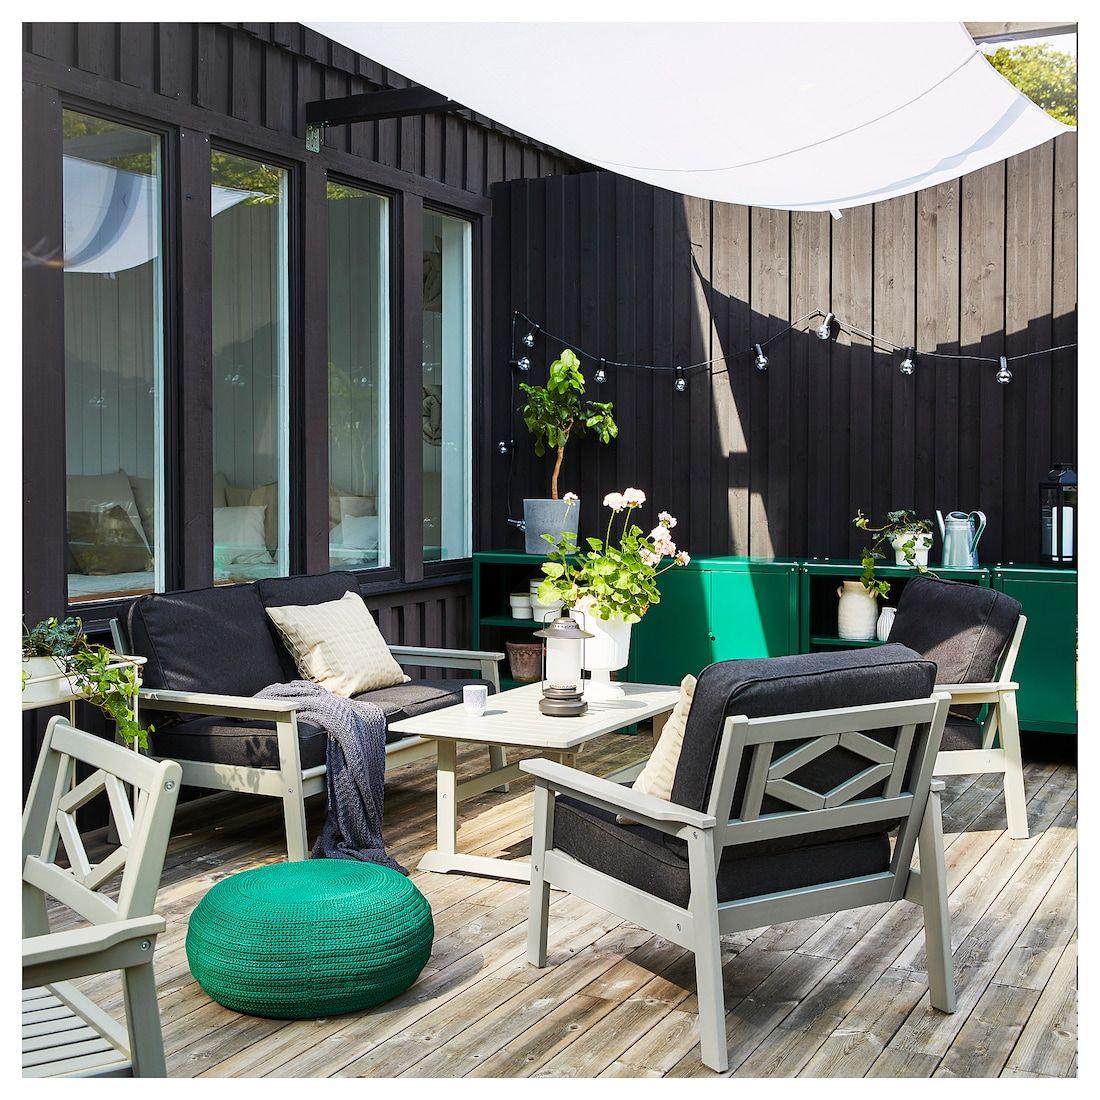 Bondholmen 4 Seat Conversation Set Outdoor Gray Stained Jarpon Duvholmen Anthracite Ikea In 2020 Quality Outdoor Furniture Ikea Outdoor Outdoor Space